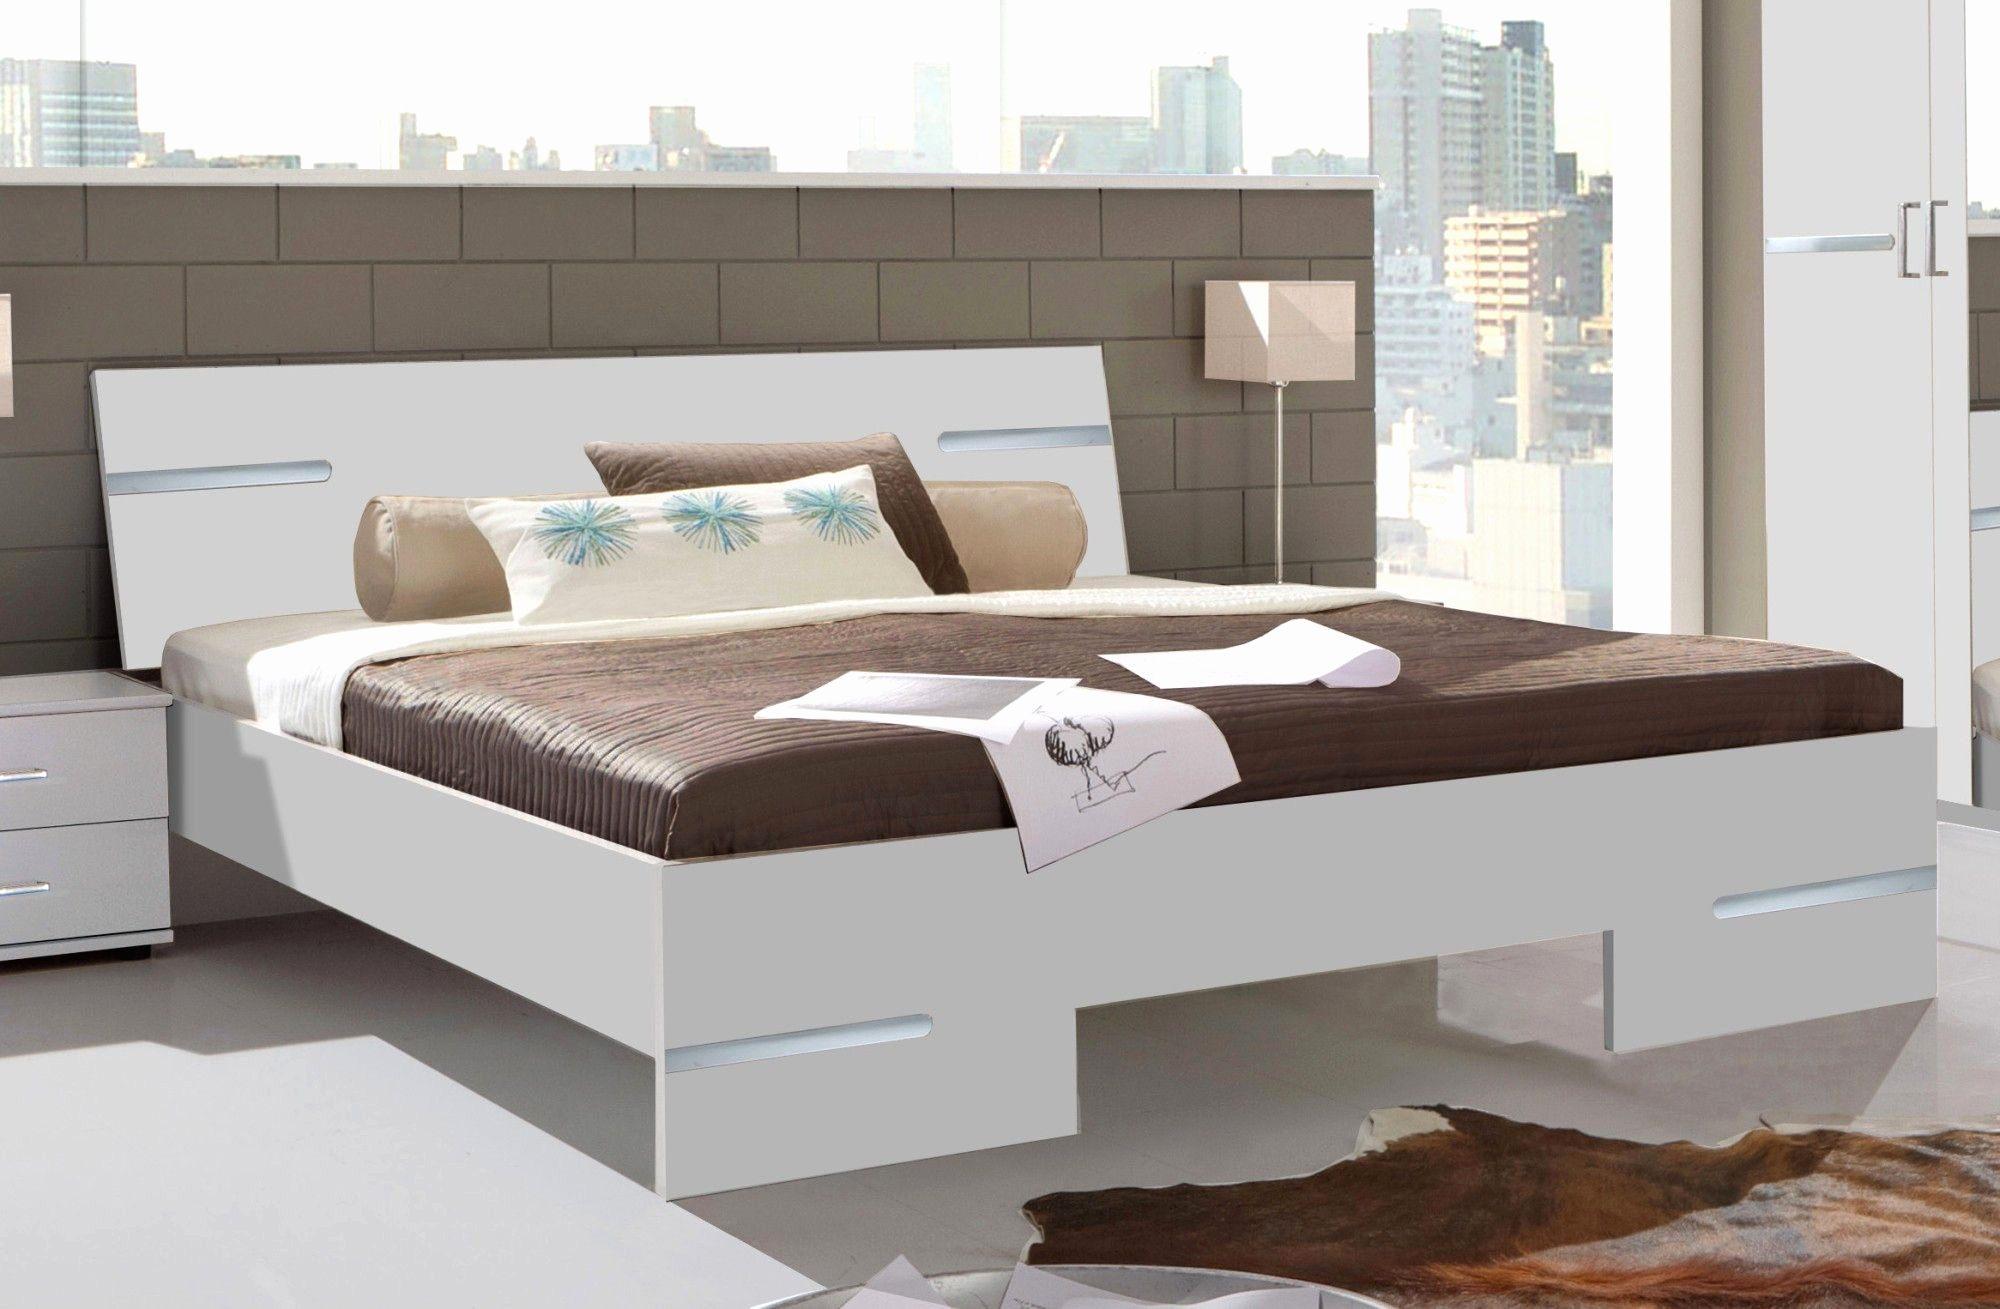 Lit 160×200 Rangement Douce Lit 160 Rangement Beau Chambre A Coucher Ikea Nouveau 25 Lit Blanc